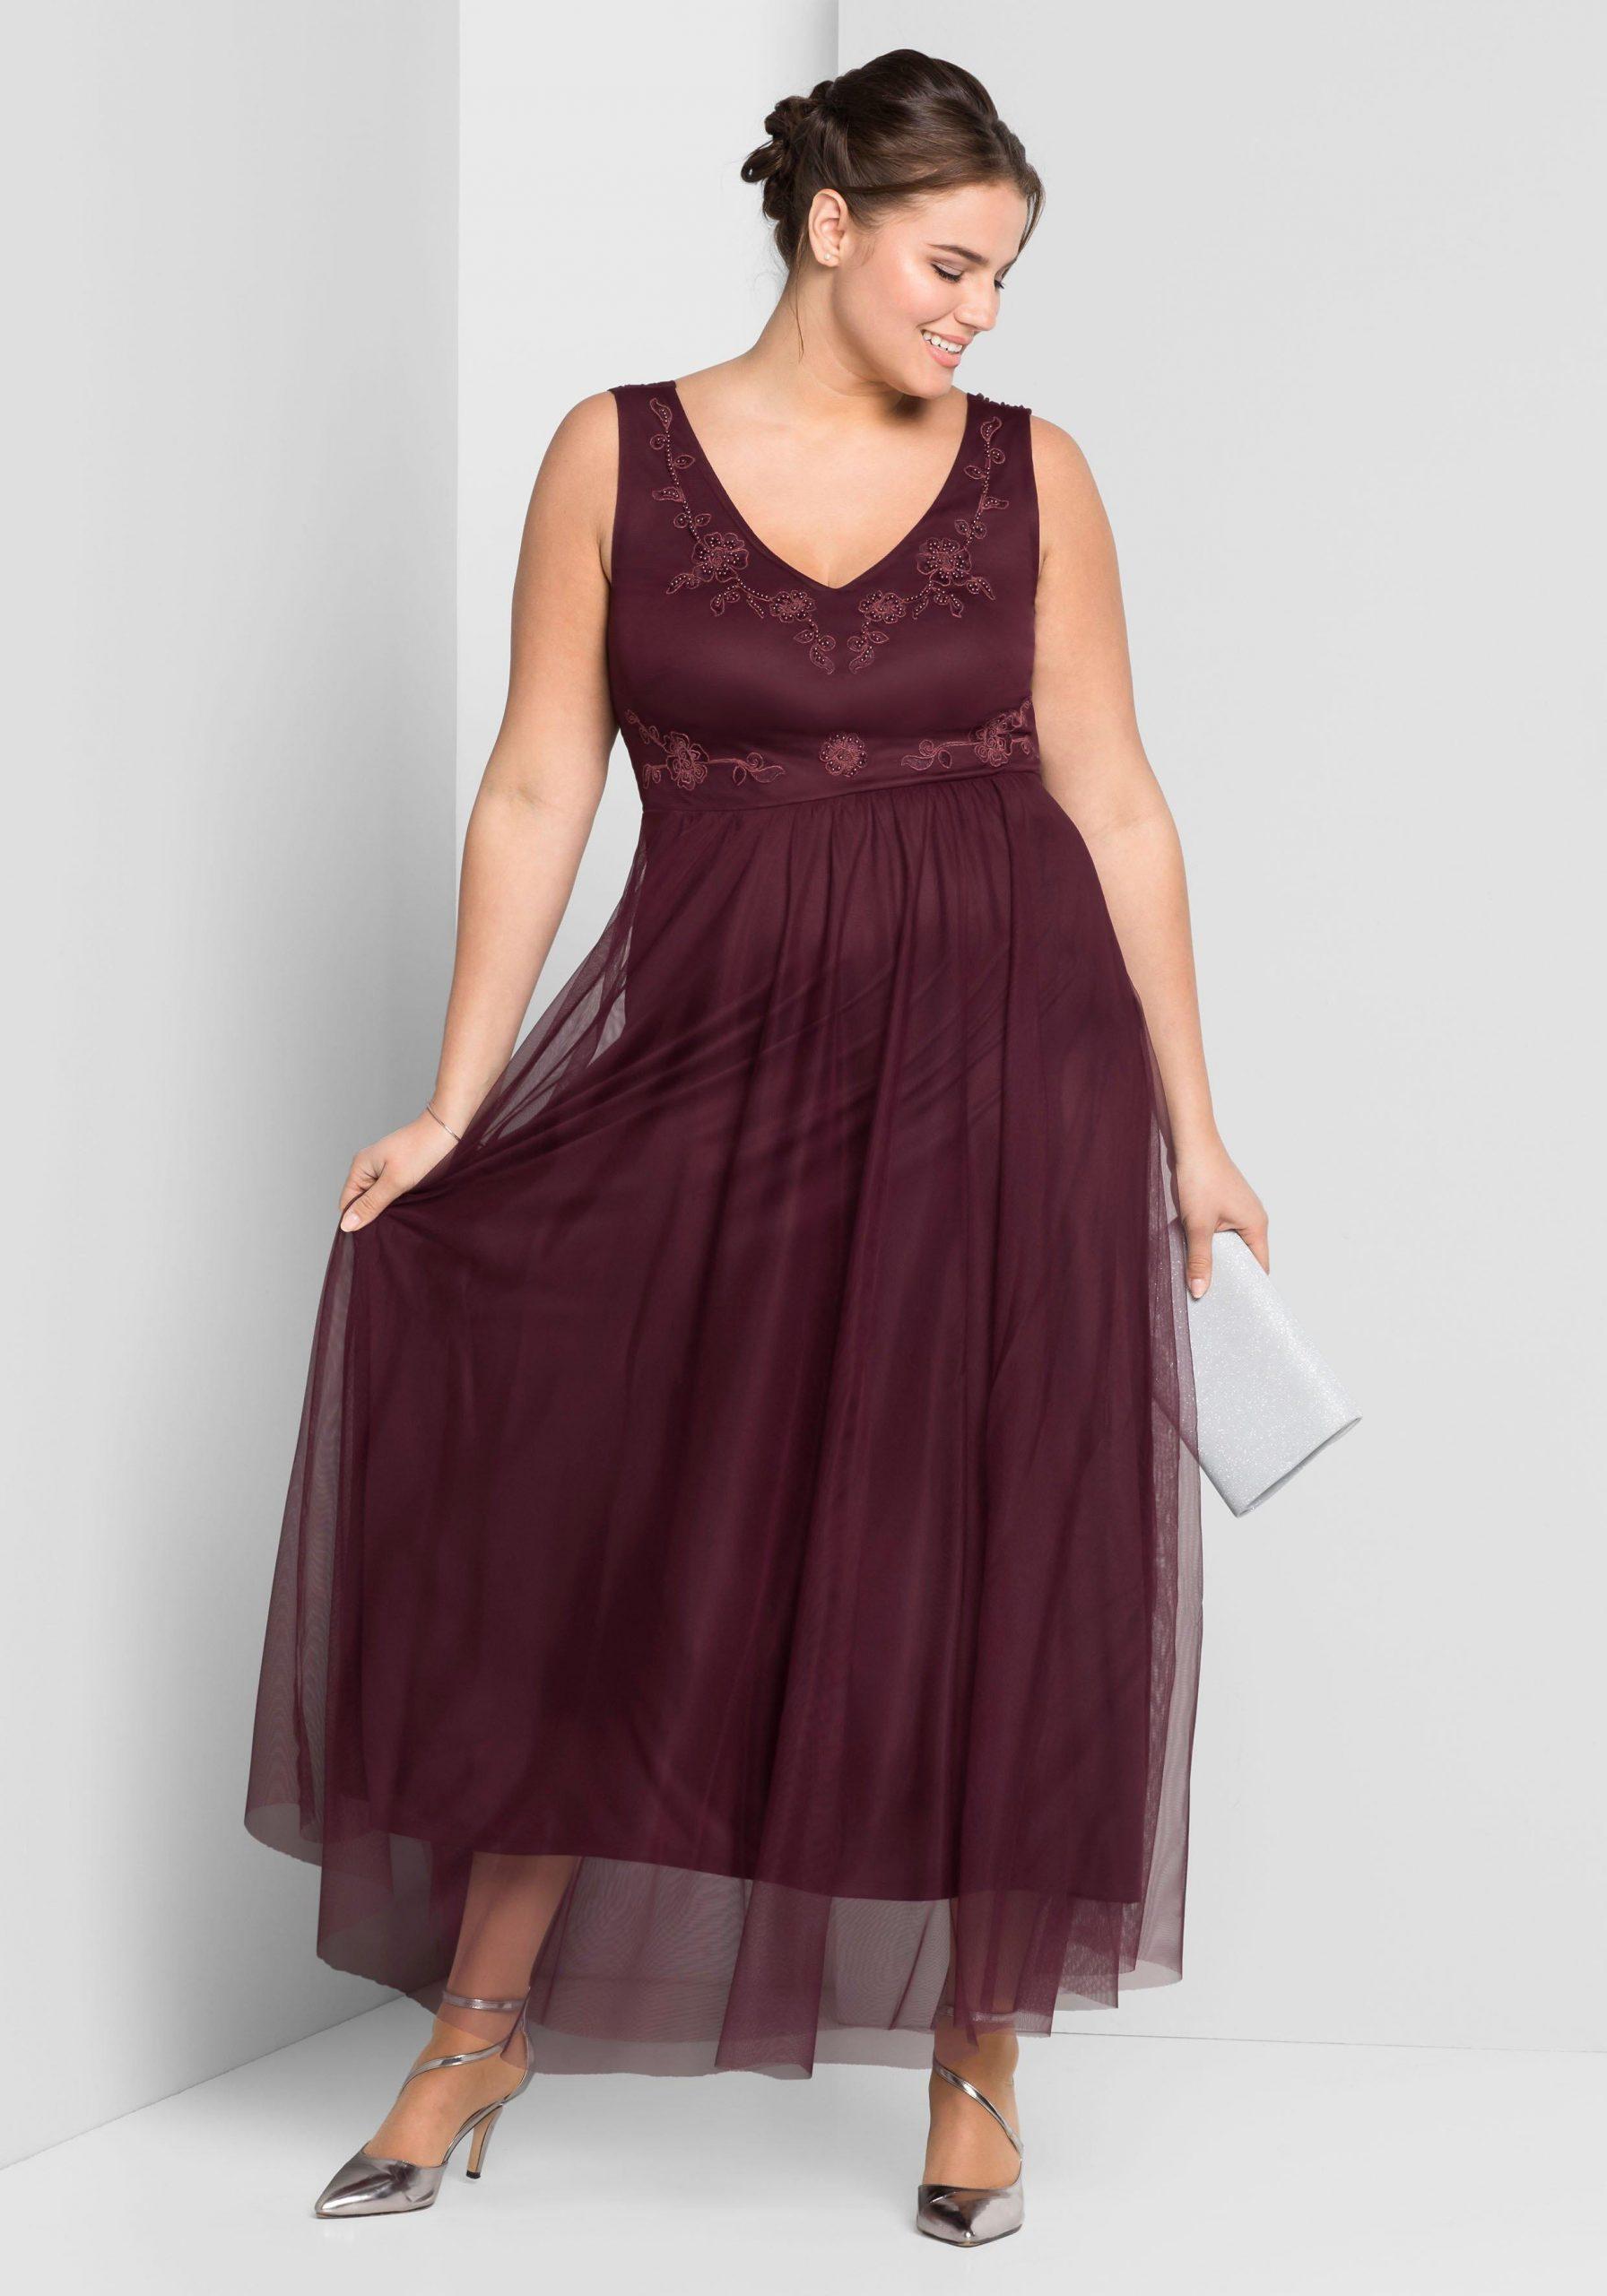 10 Spektakulär Abendkleid In Großen Größen Stylish20 Schön Abendkleid In Großen Größen Ärmel